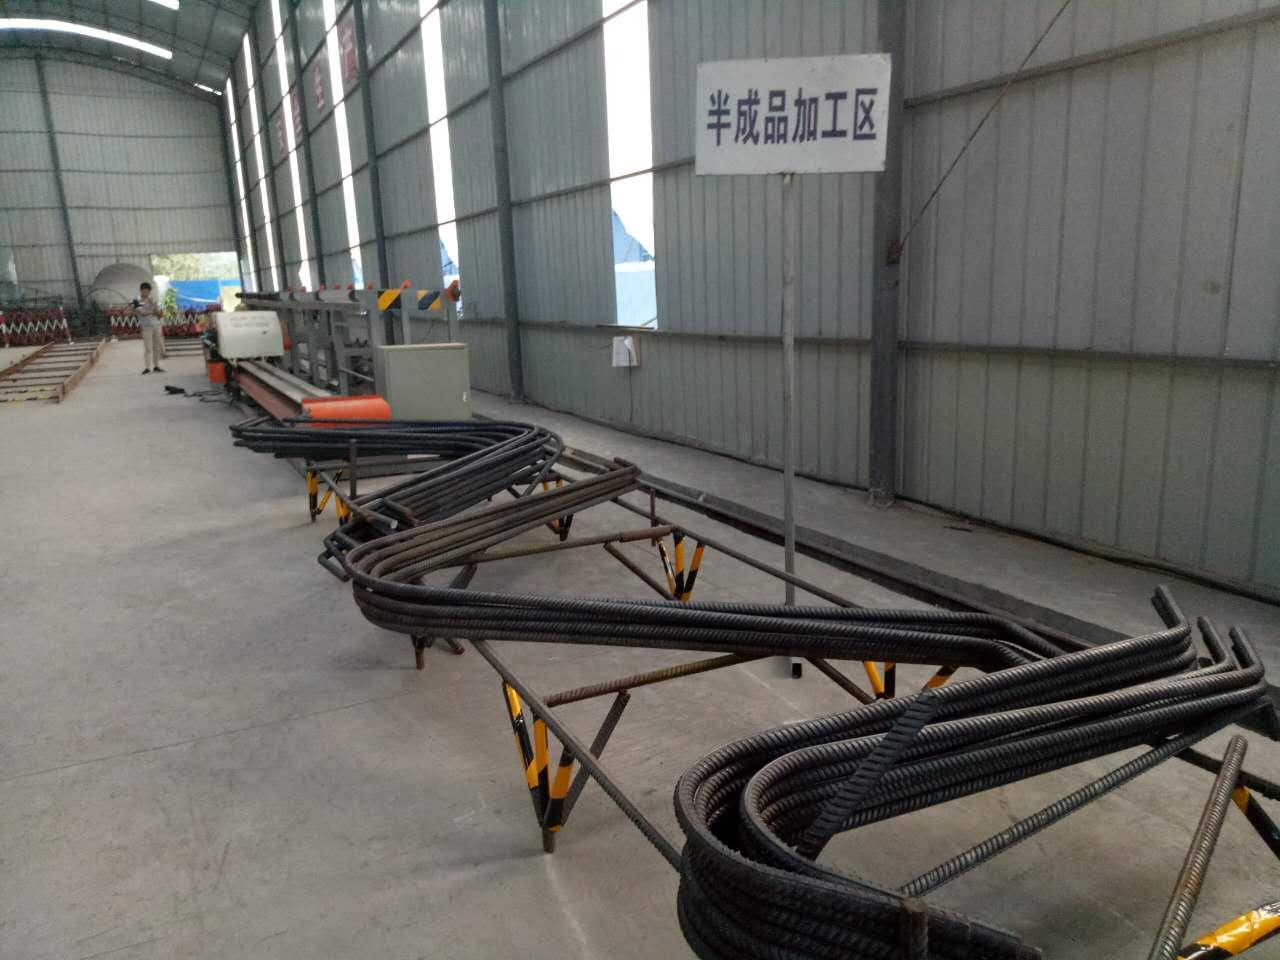 陕西省安康市G2L32x立式钢筋弯曲中心